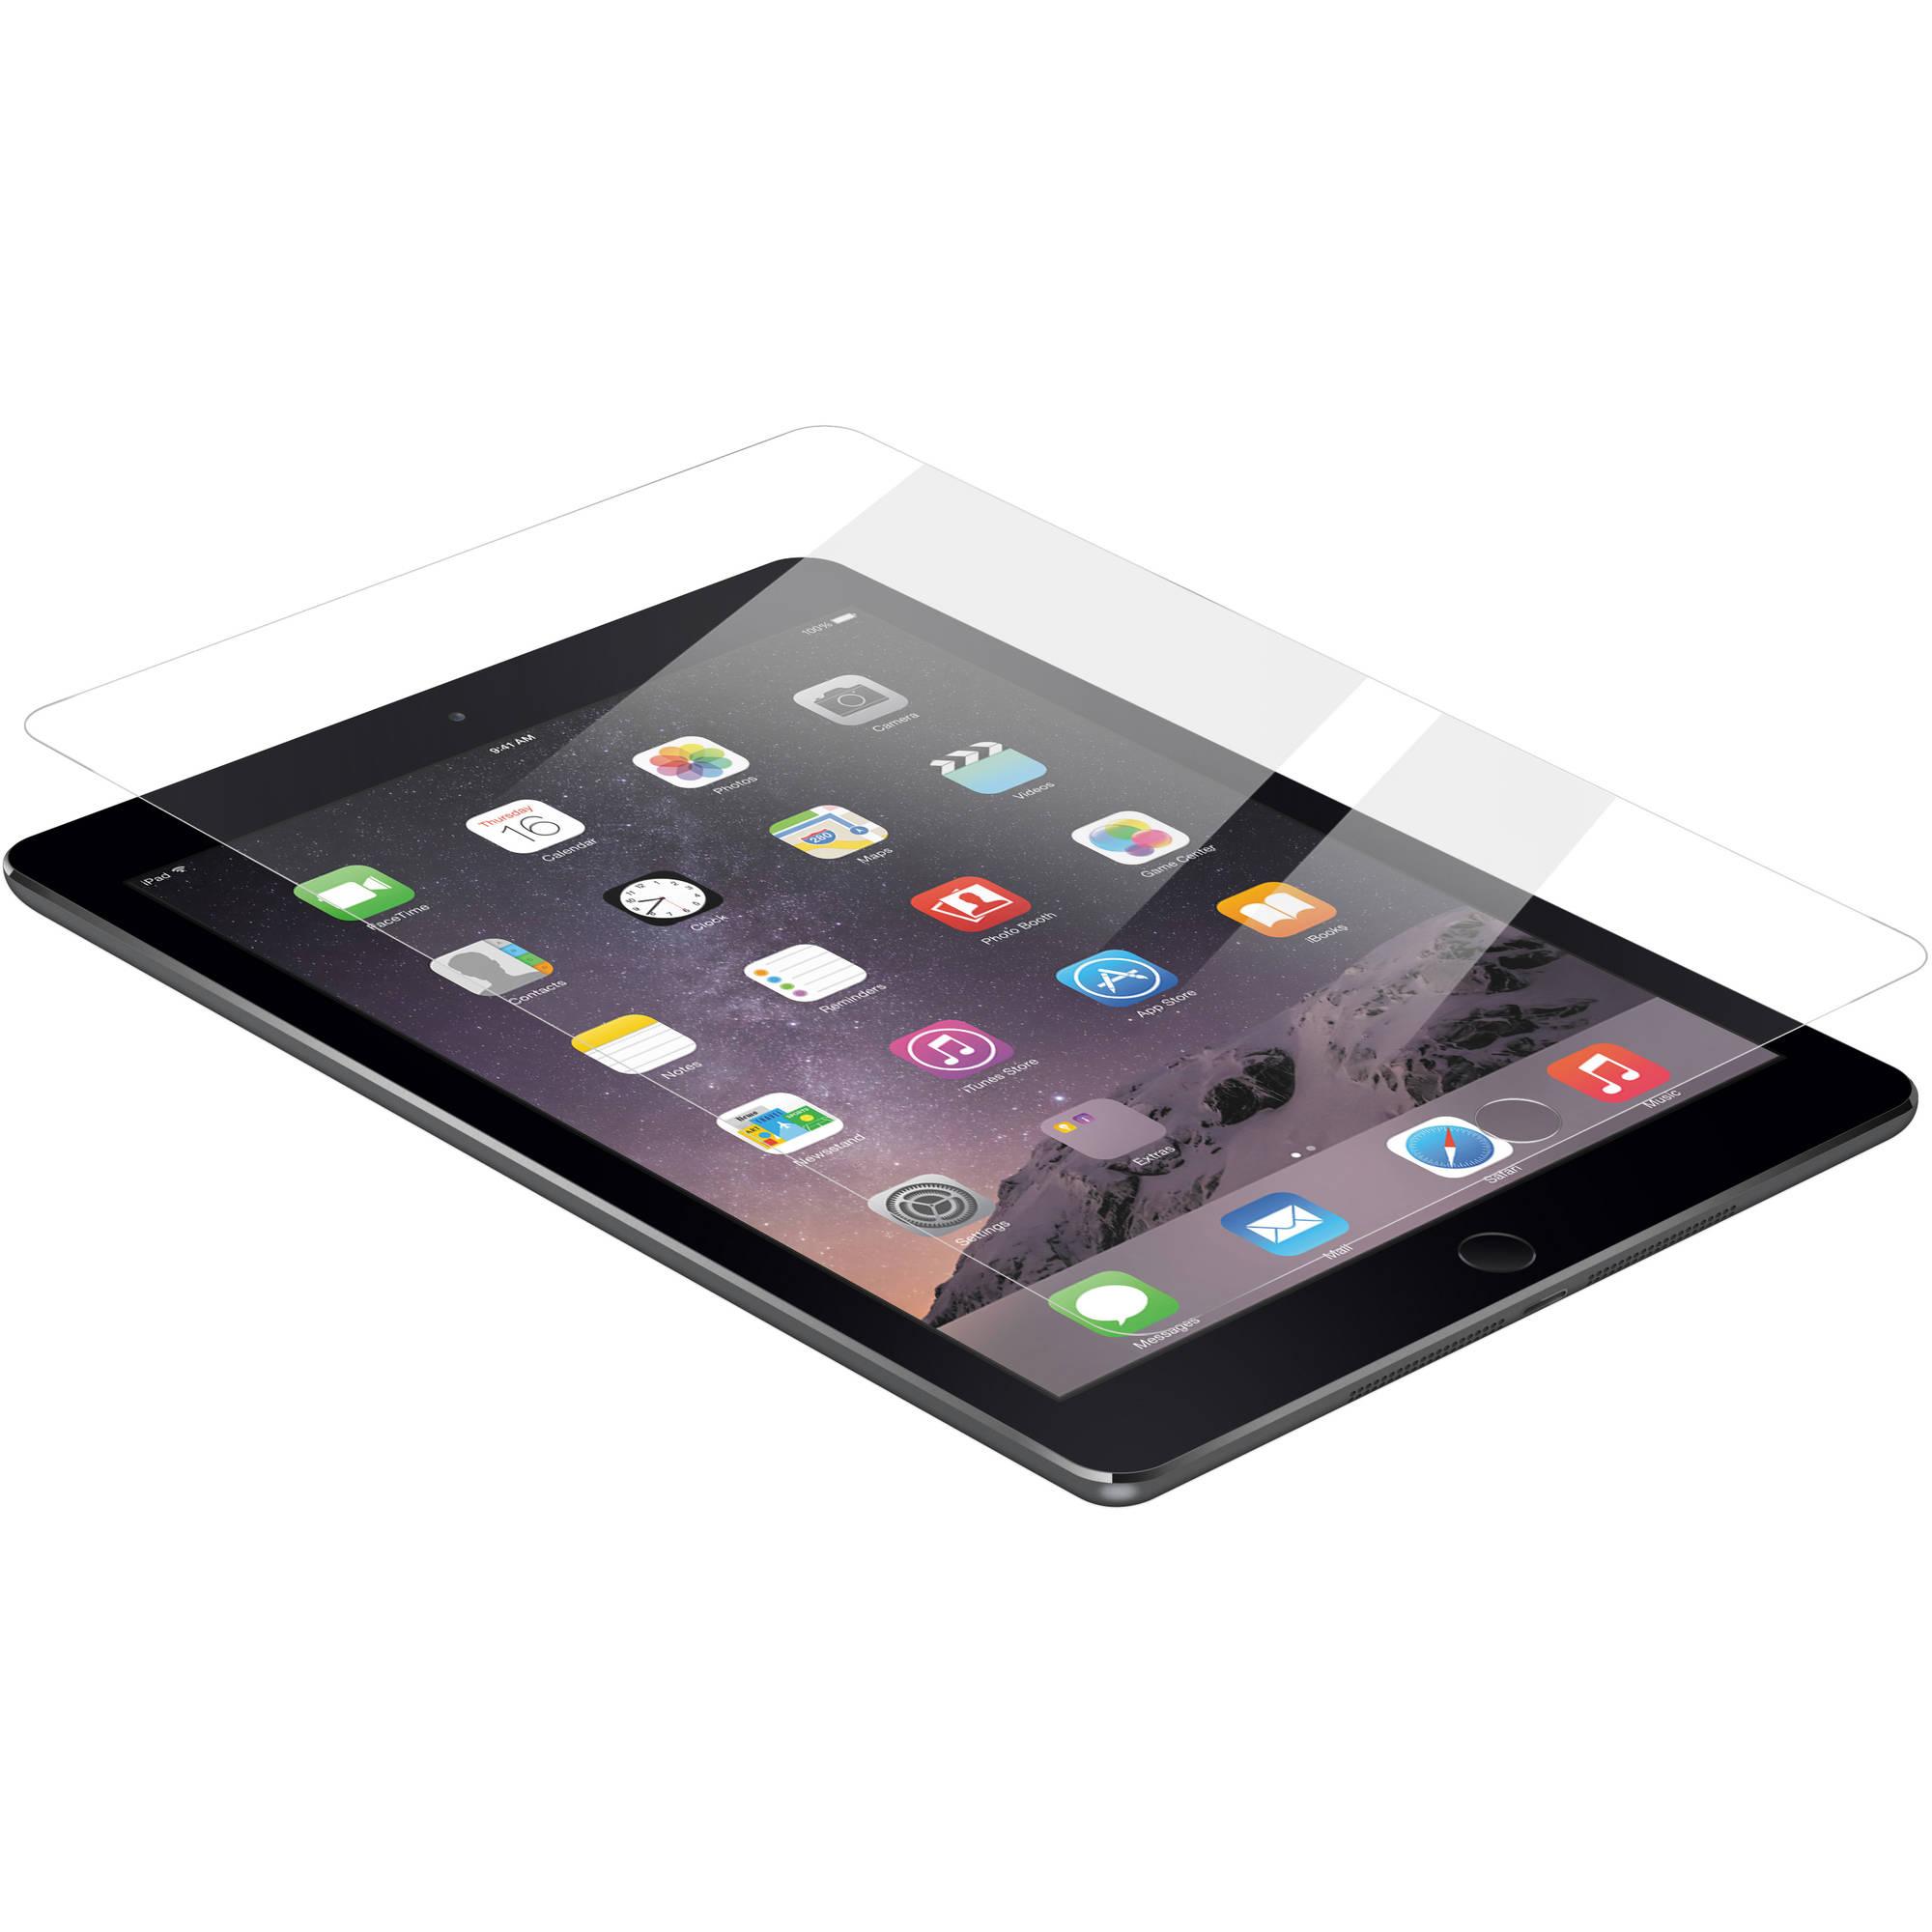 BodyGuardz AuraGlass for Apple iPad Air 2